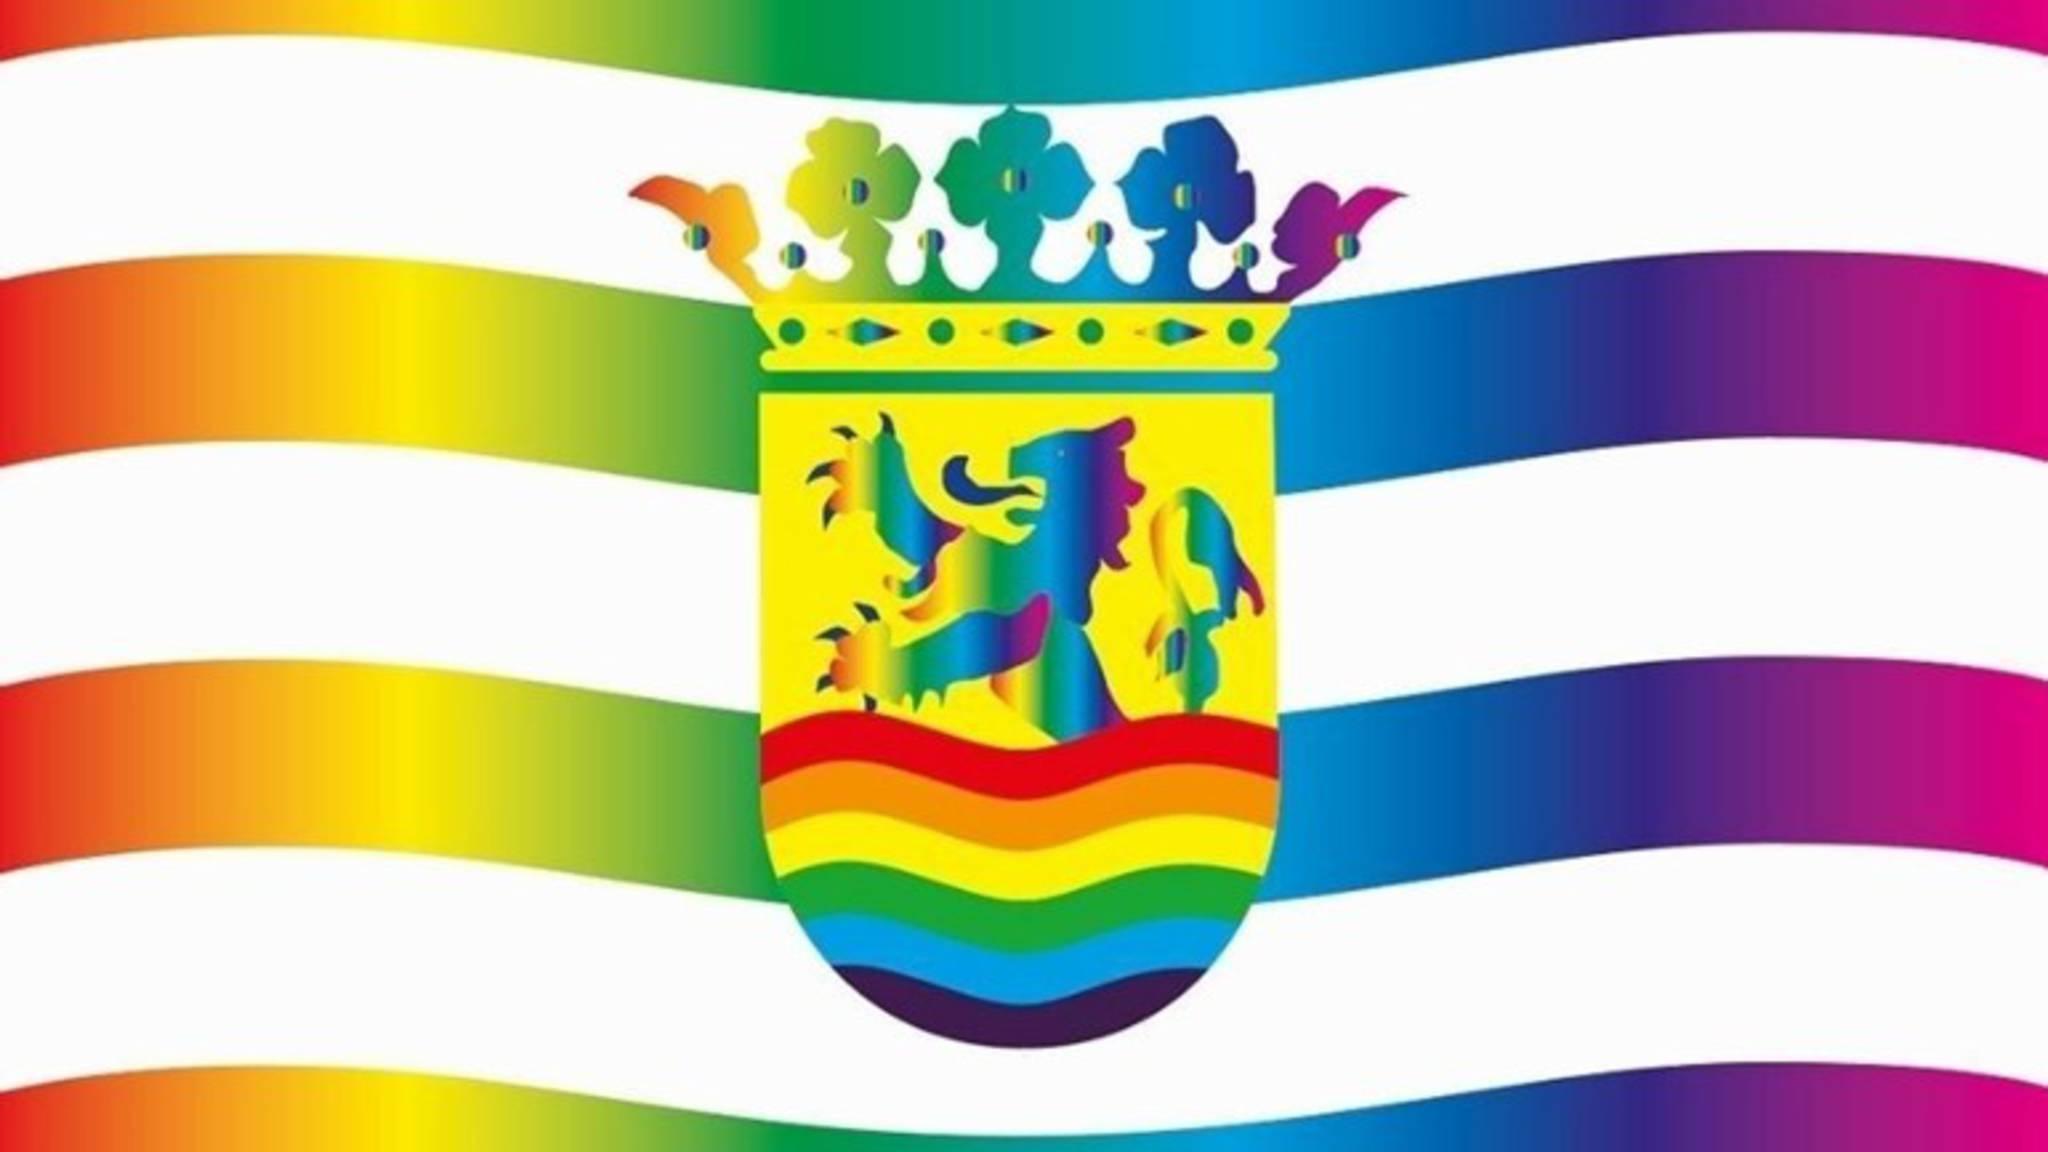 Zeeland rainbow flag design, by Vos Broekema